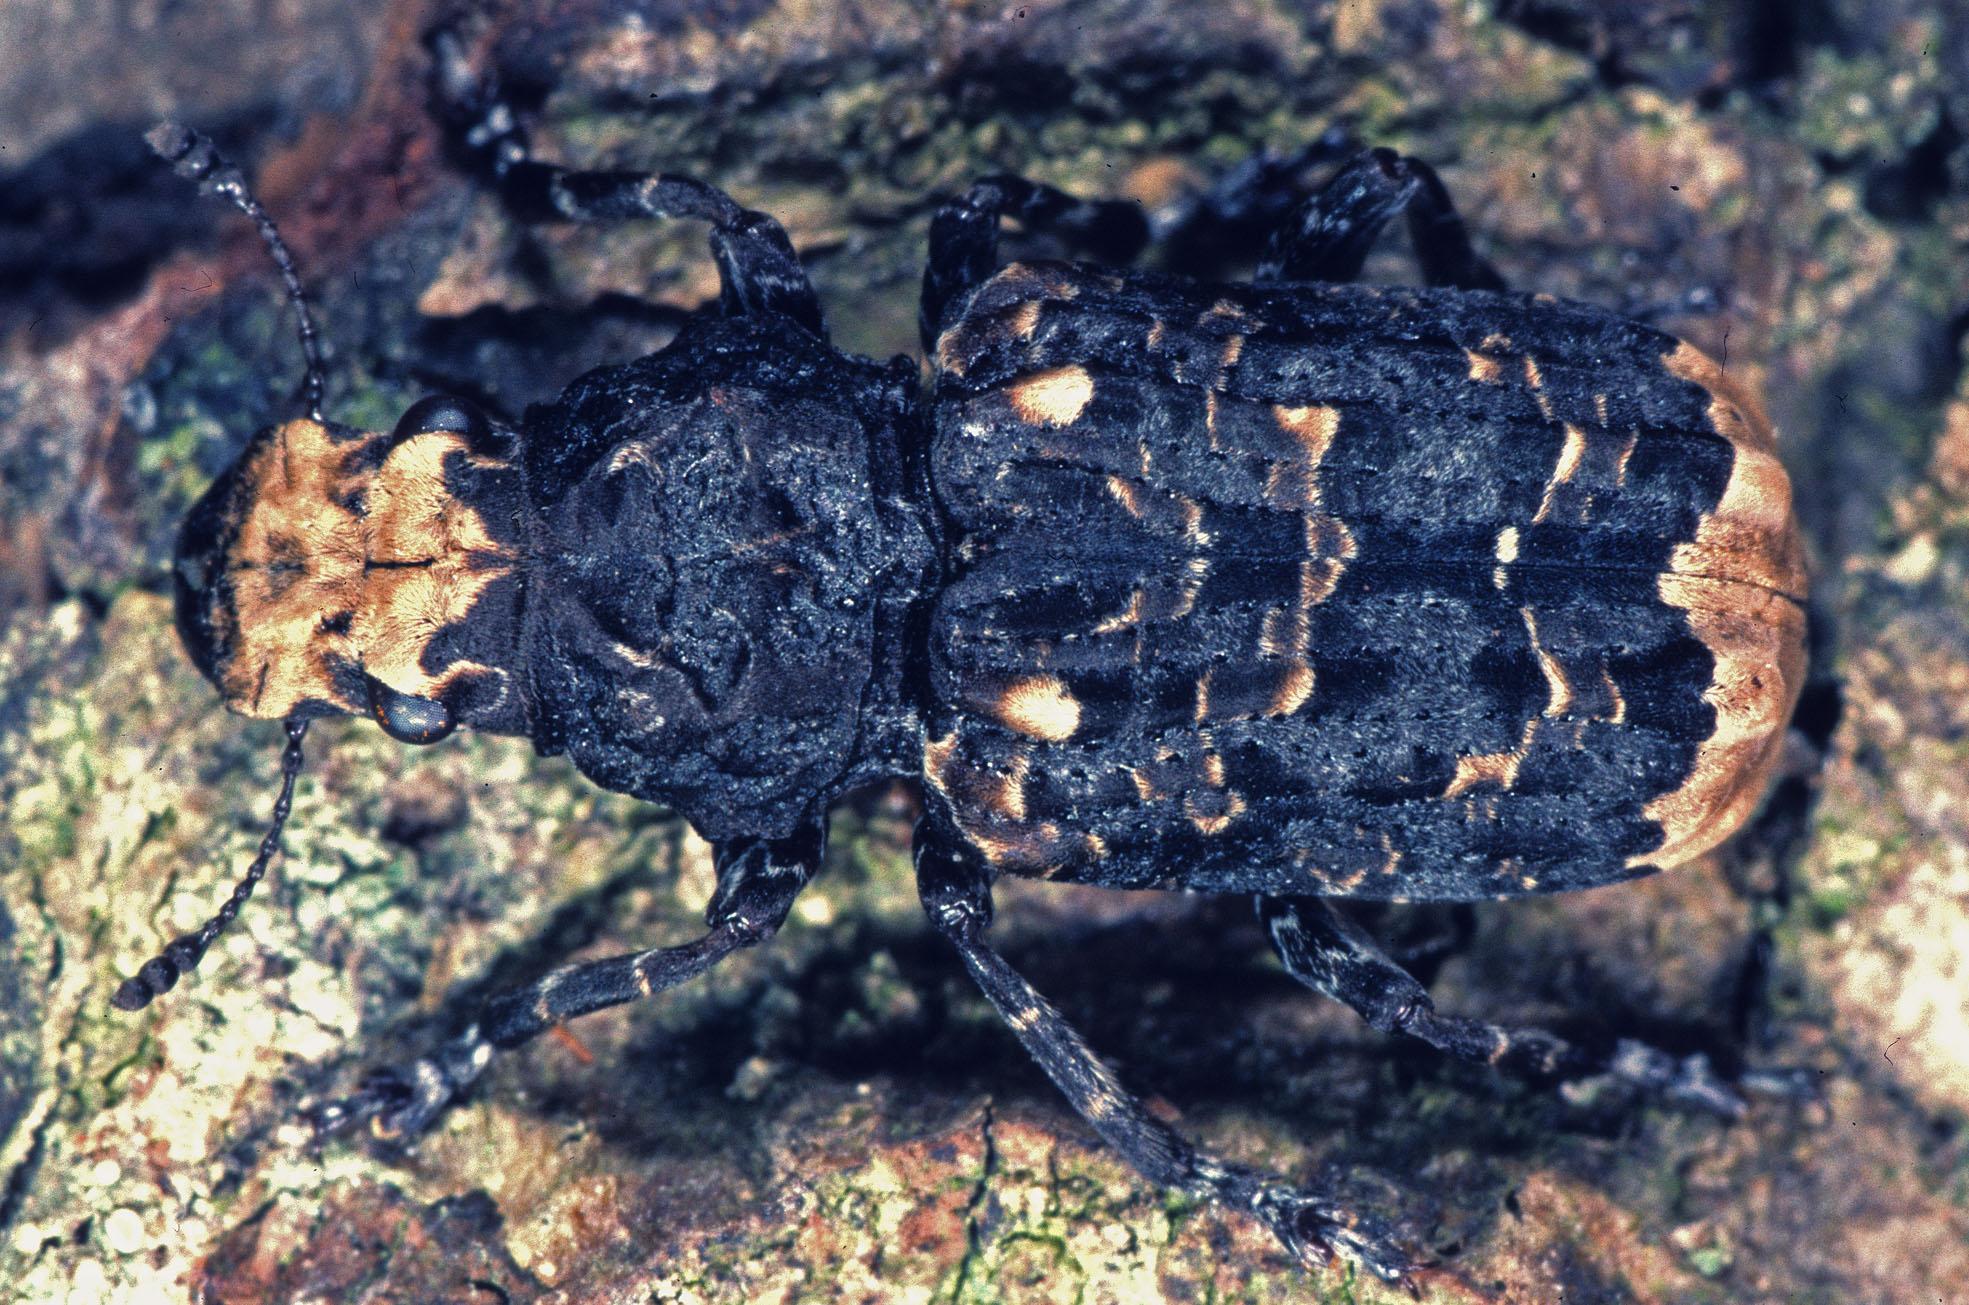 Großer Breitrüsselkäfer (Platyrrhinus resinosus). © G. C. Möller